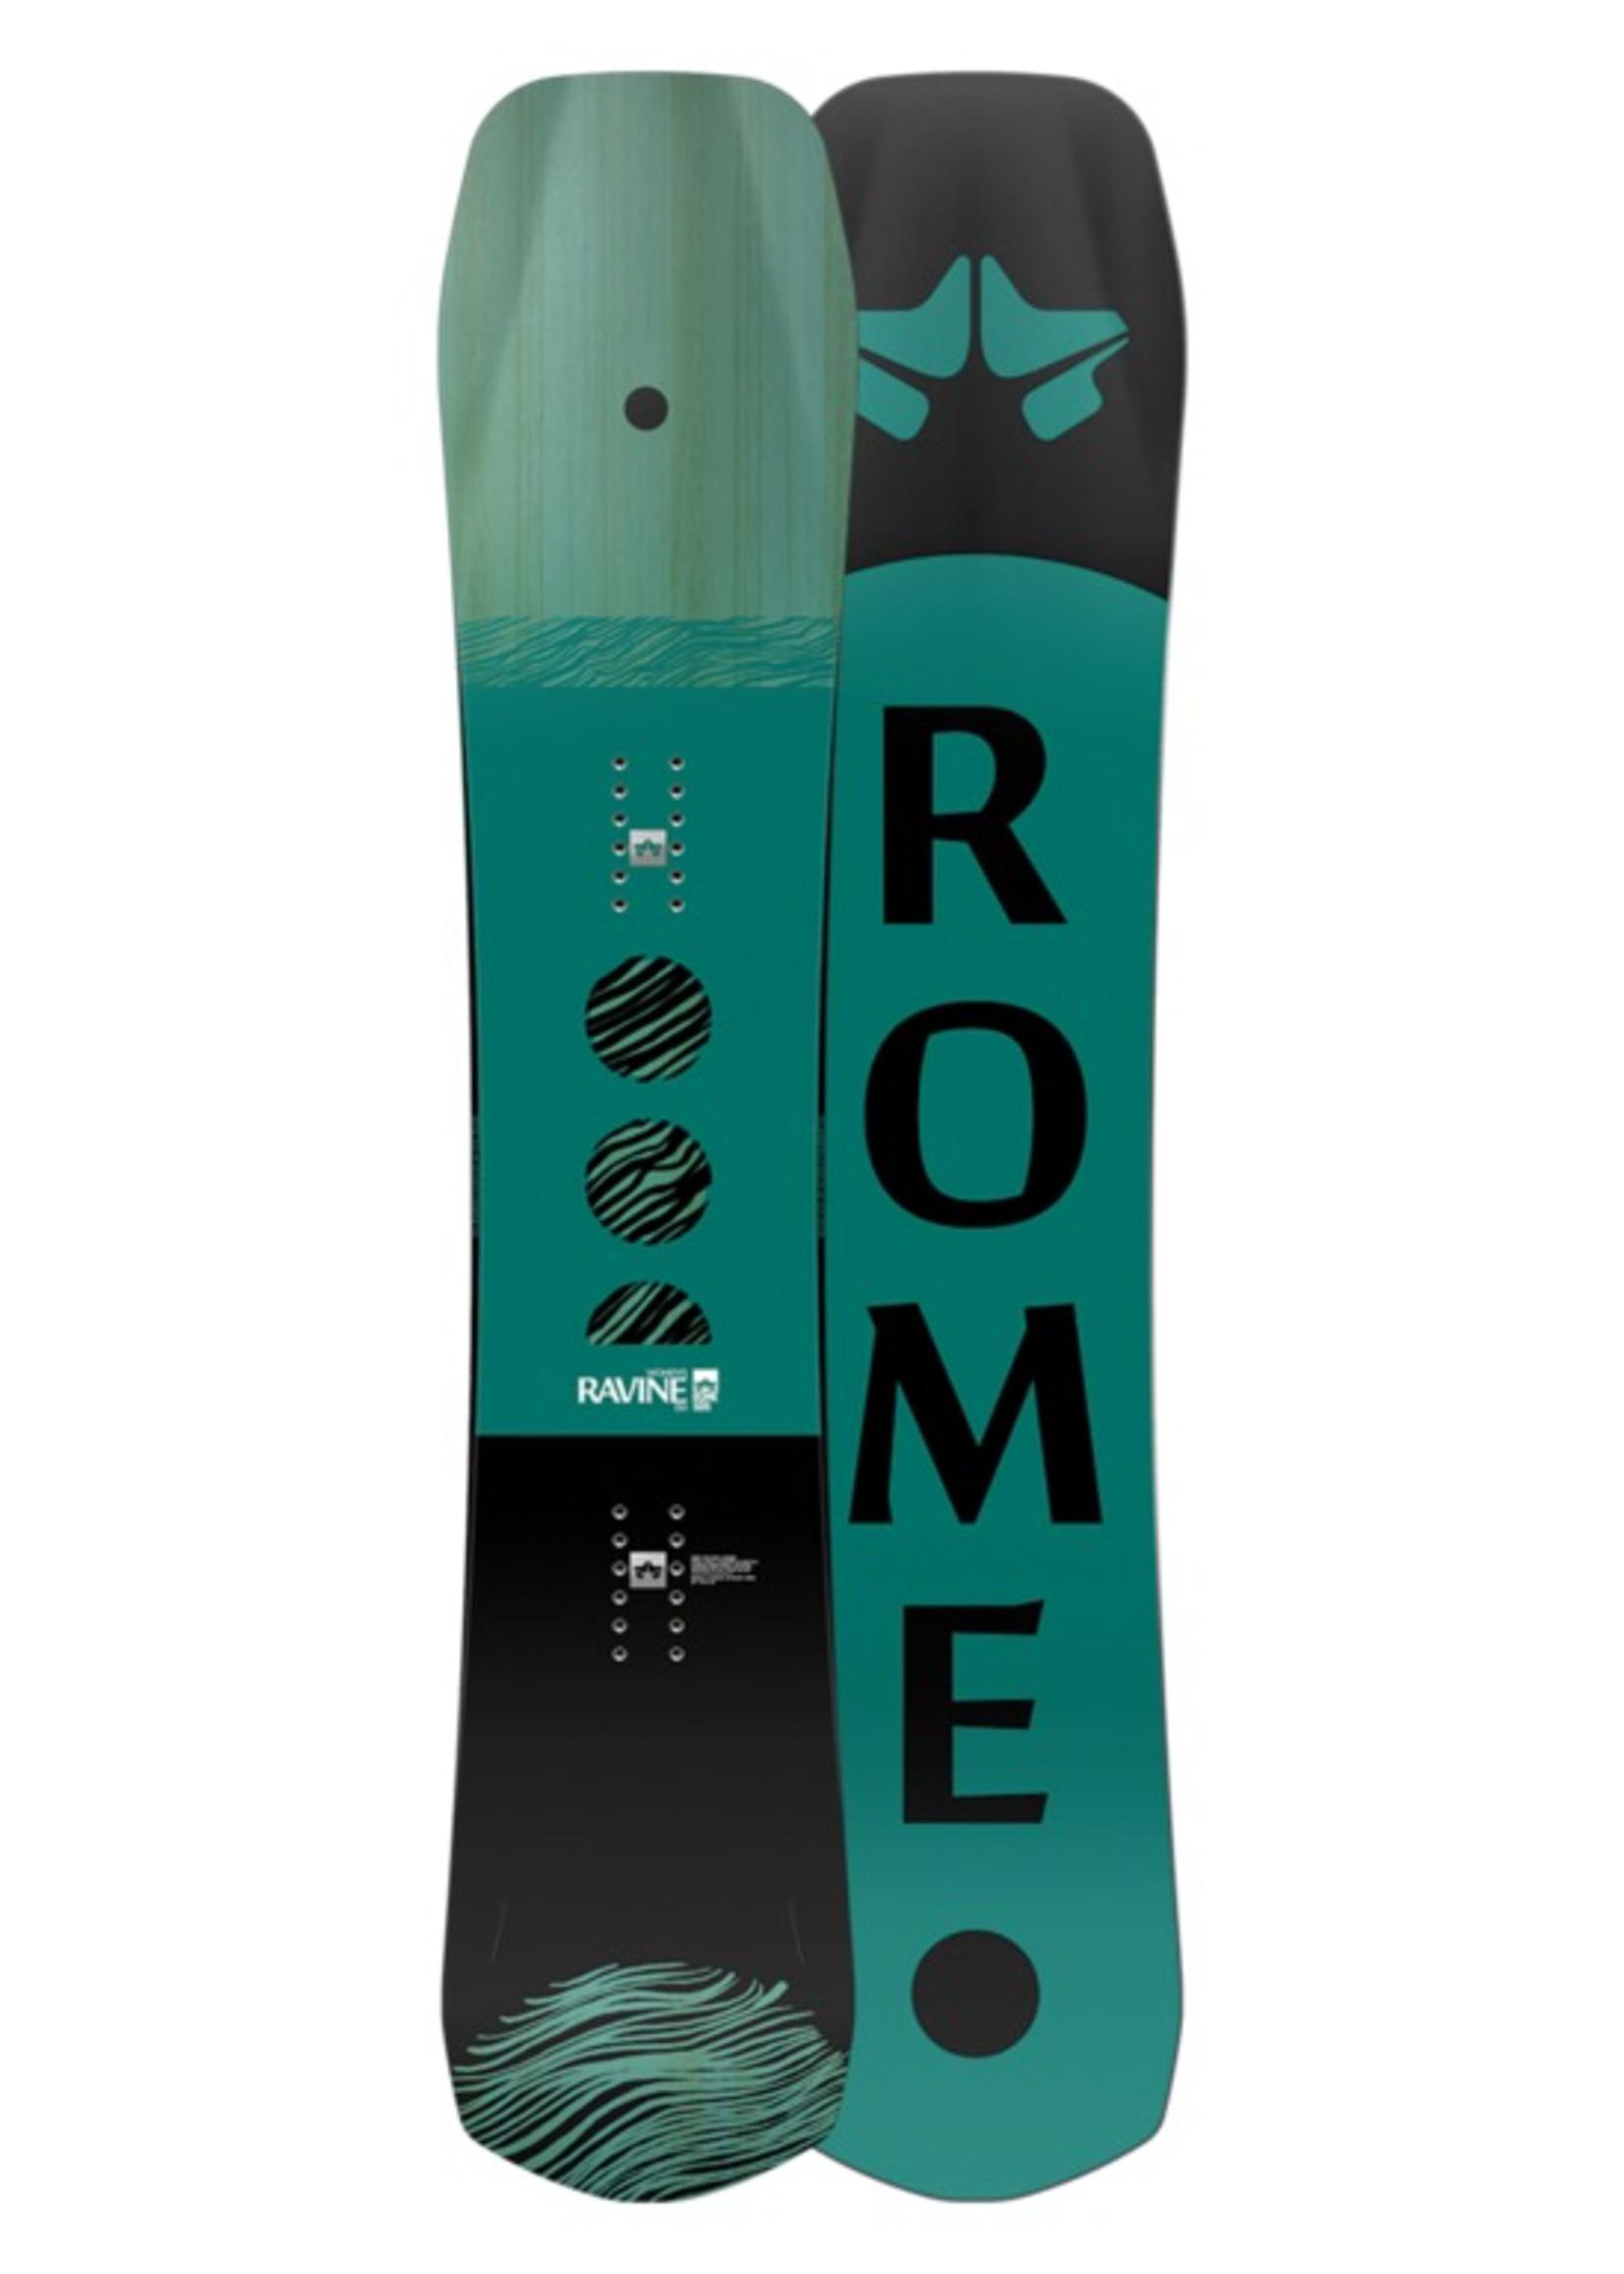 ROME - RAVINE WOMENS - 147